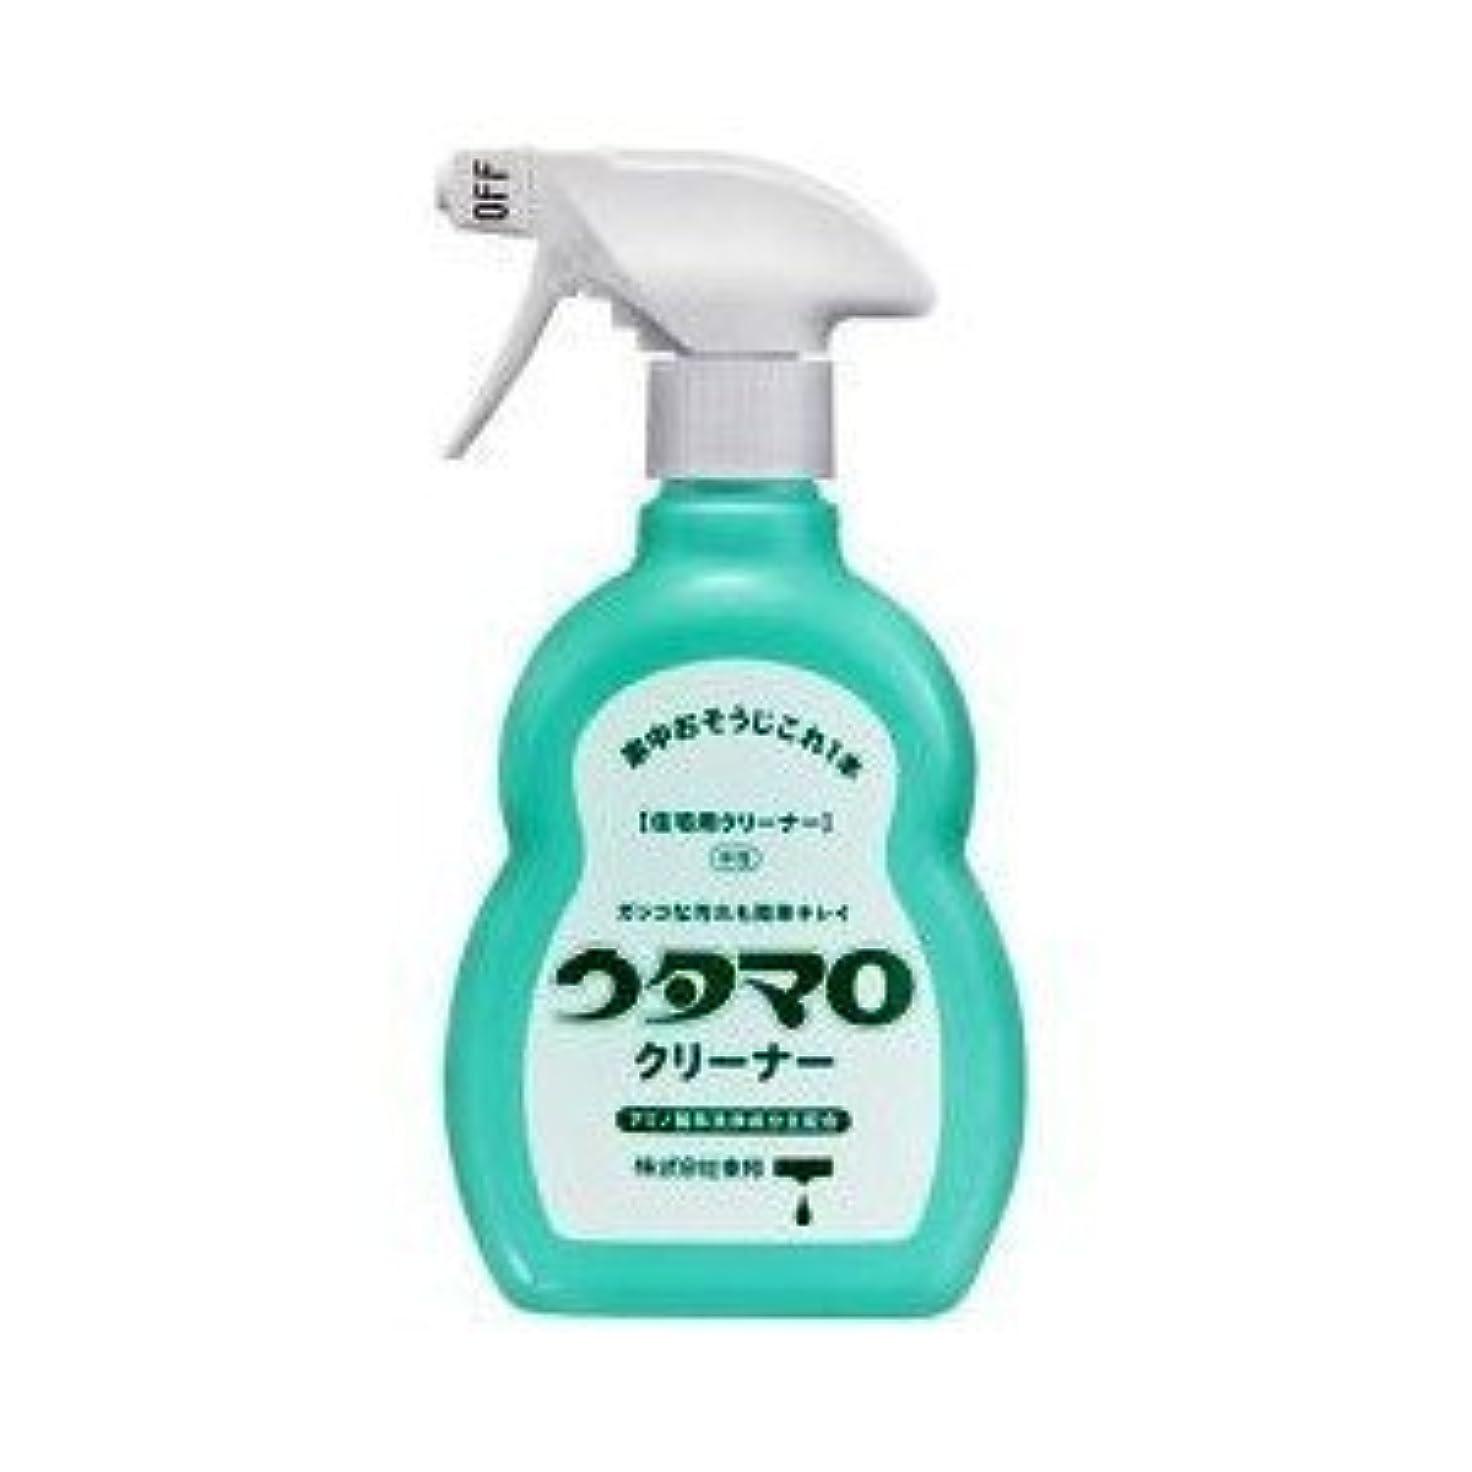 ウタマロ クリーナー 400ml 洗剤 住居用 アミノ酸系洗浄成分主配合 さわやかなグリーンハーブの香り